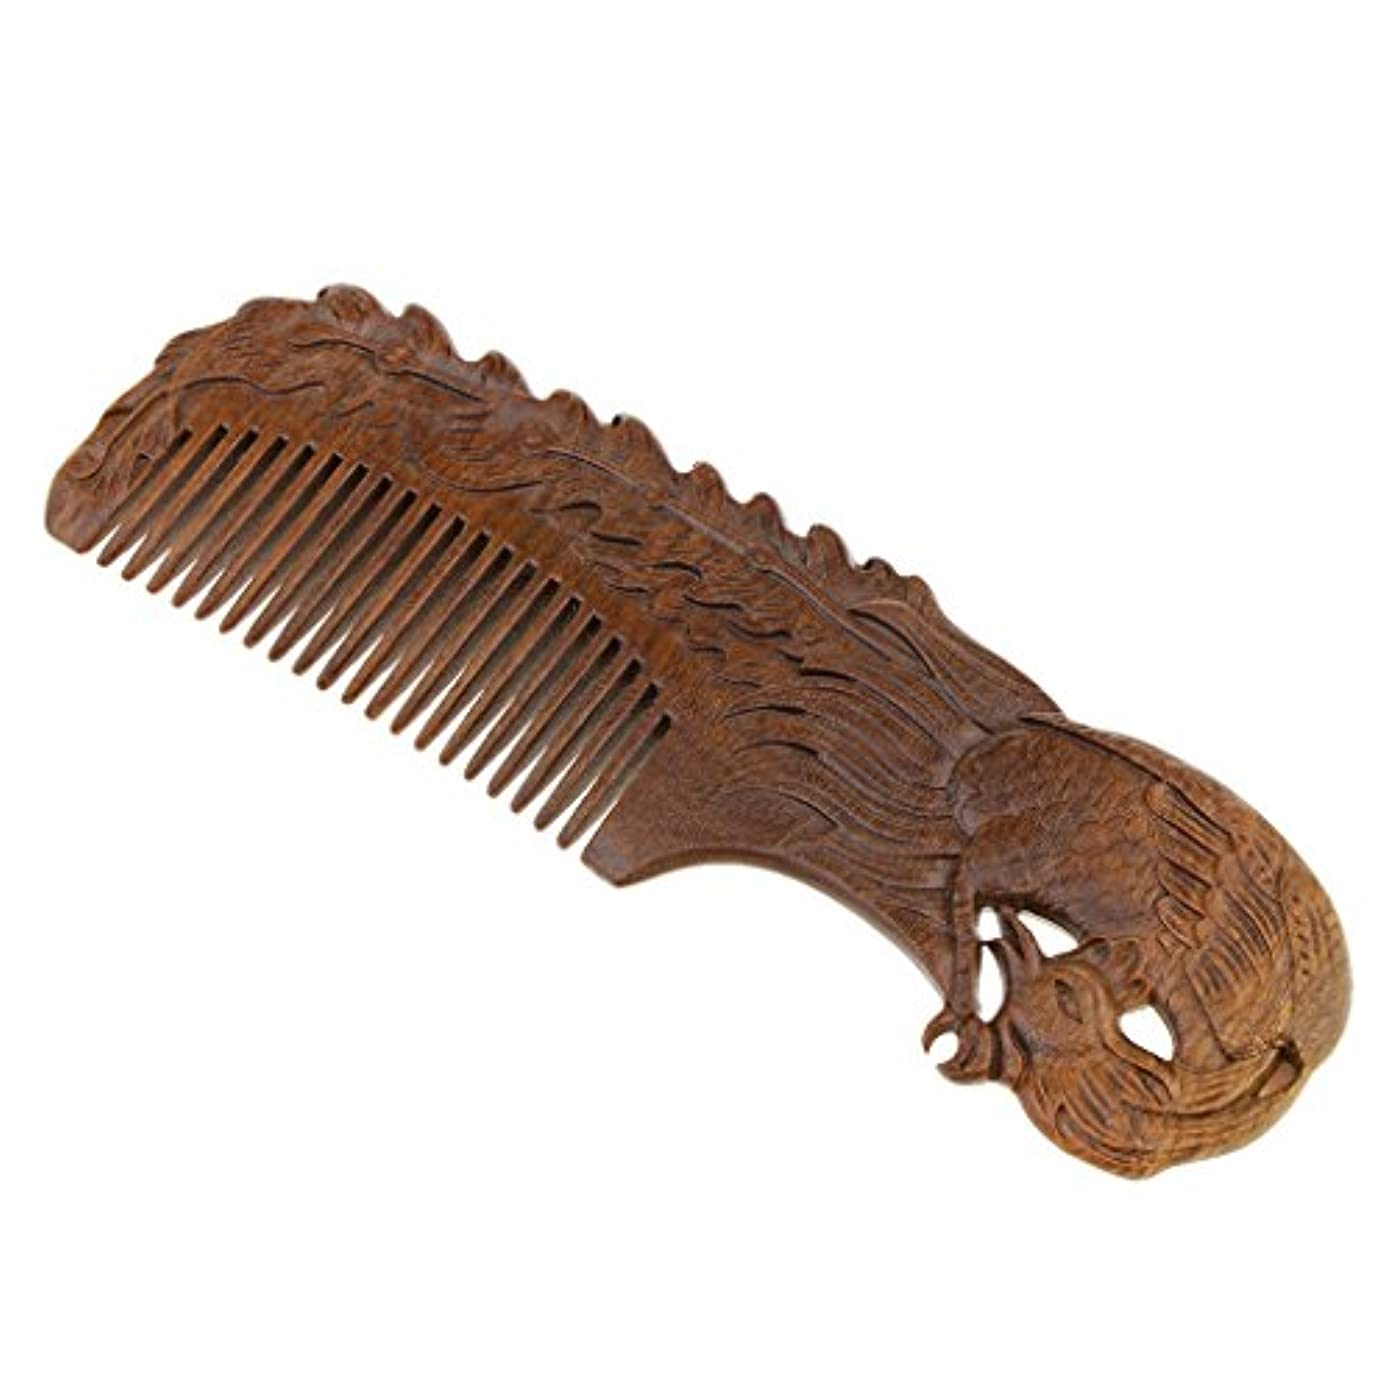 キャッシュ鋭くセクション全2種類 木製 櫛 ウッドコーム ヘアブラシ ヘアコーム 頭皮マッサージ ギフト - Phoenix